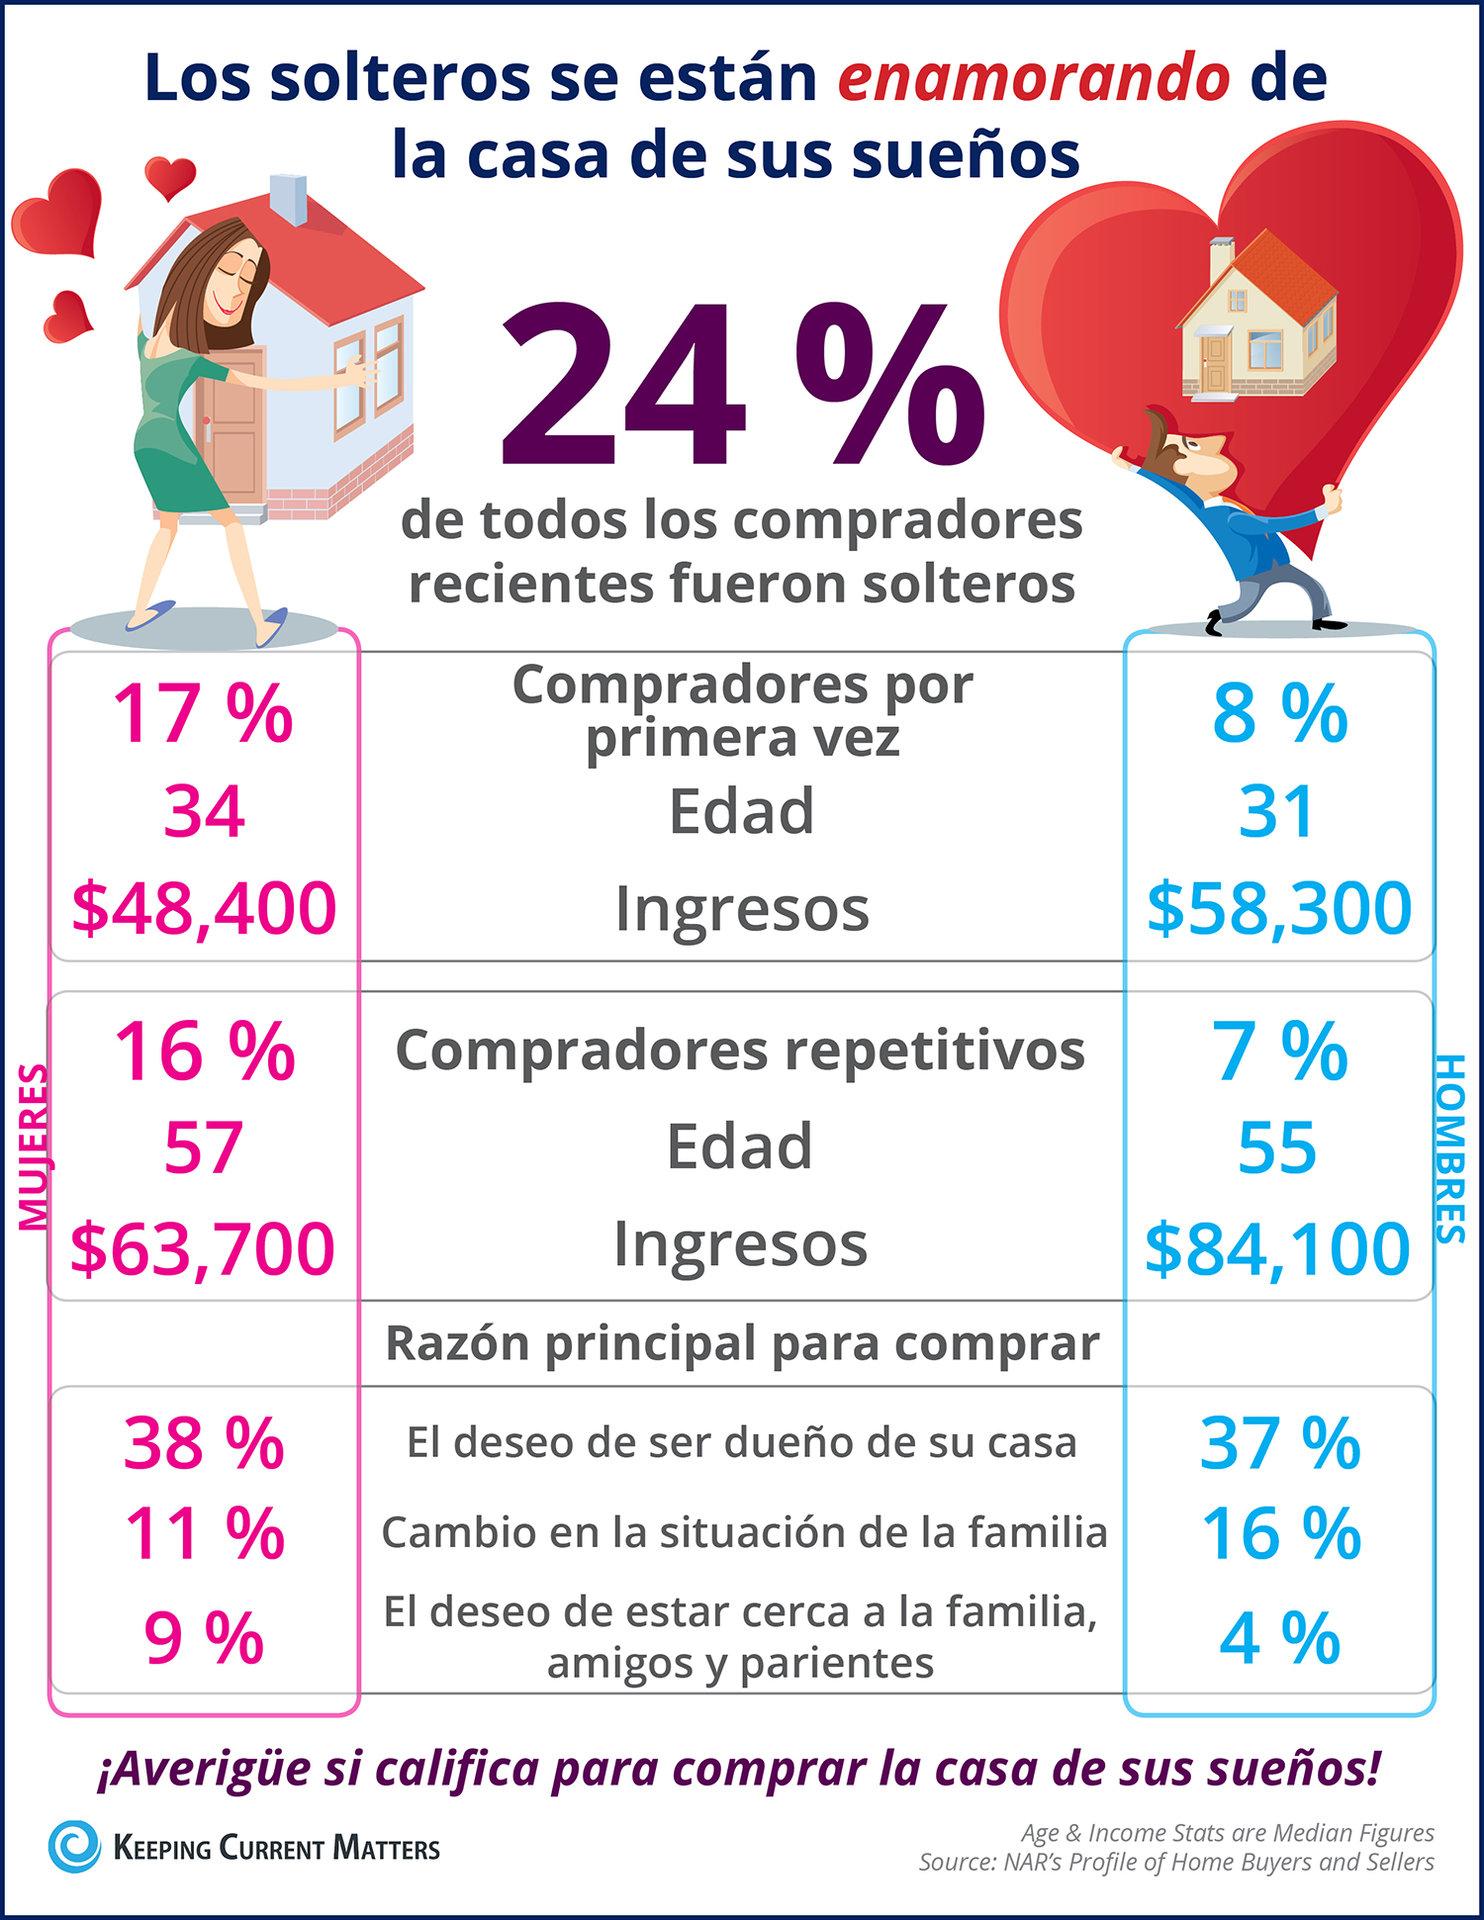 Los solteros se están enamorando de la casa de sus sueños [infografía] | Keeping Current Matters